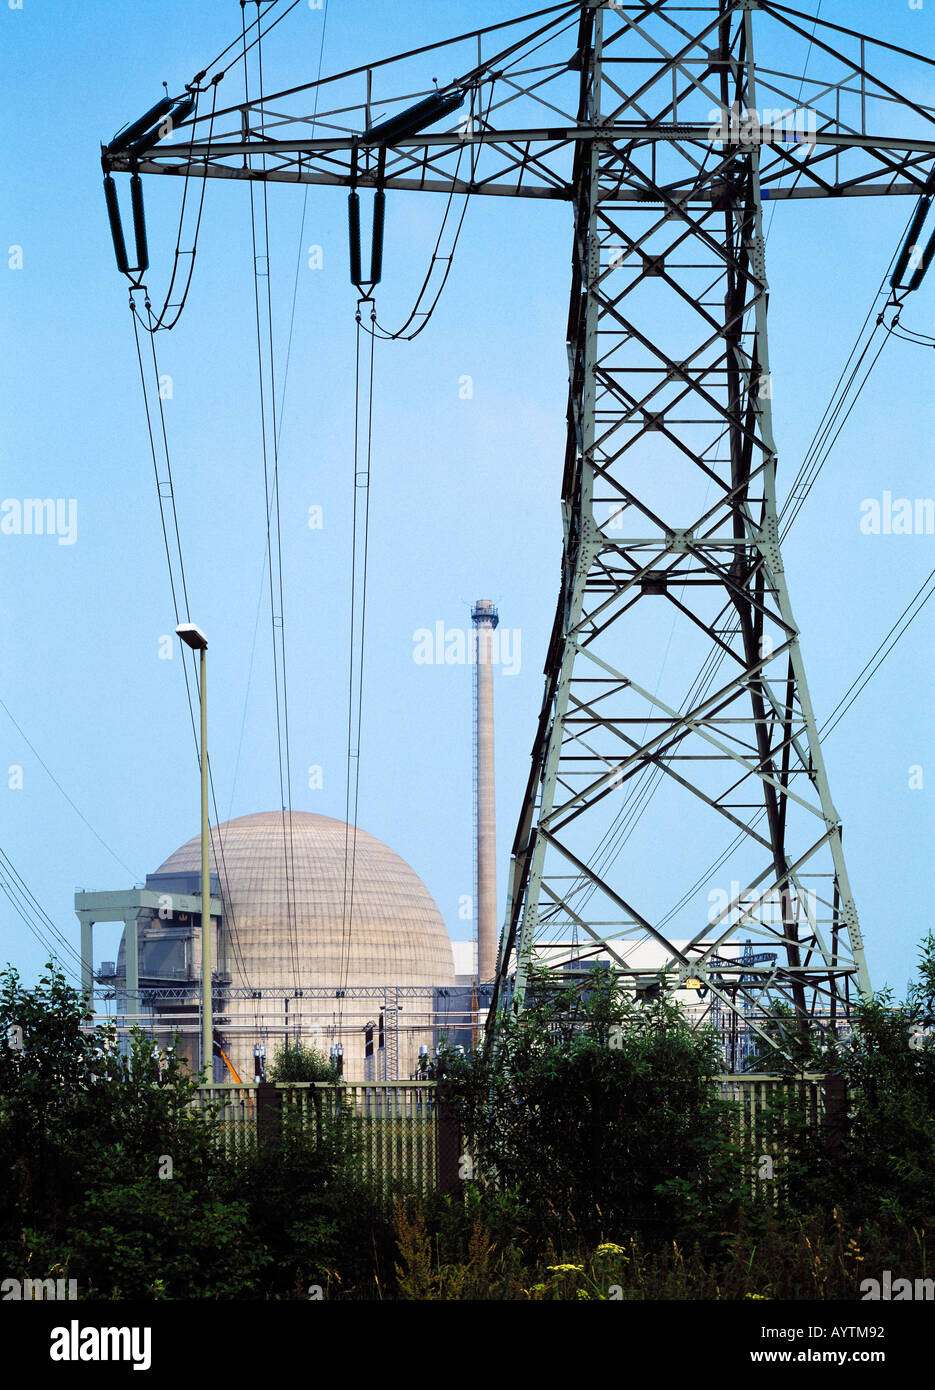 Kernkraftwerk Unterweser in Stadland-Rodenkirchen, Weser, Niedersachsen - Stock Image